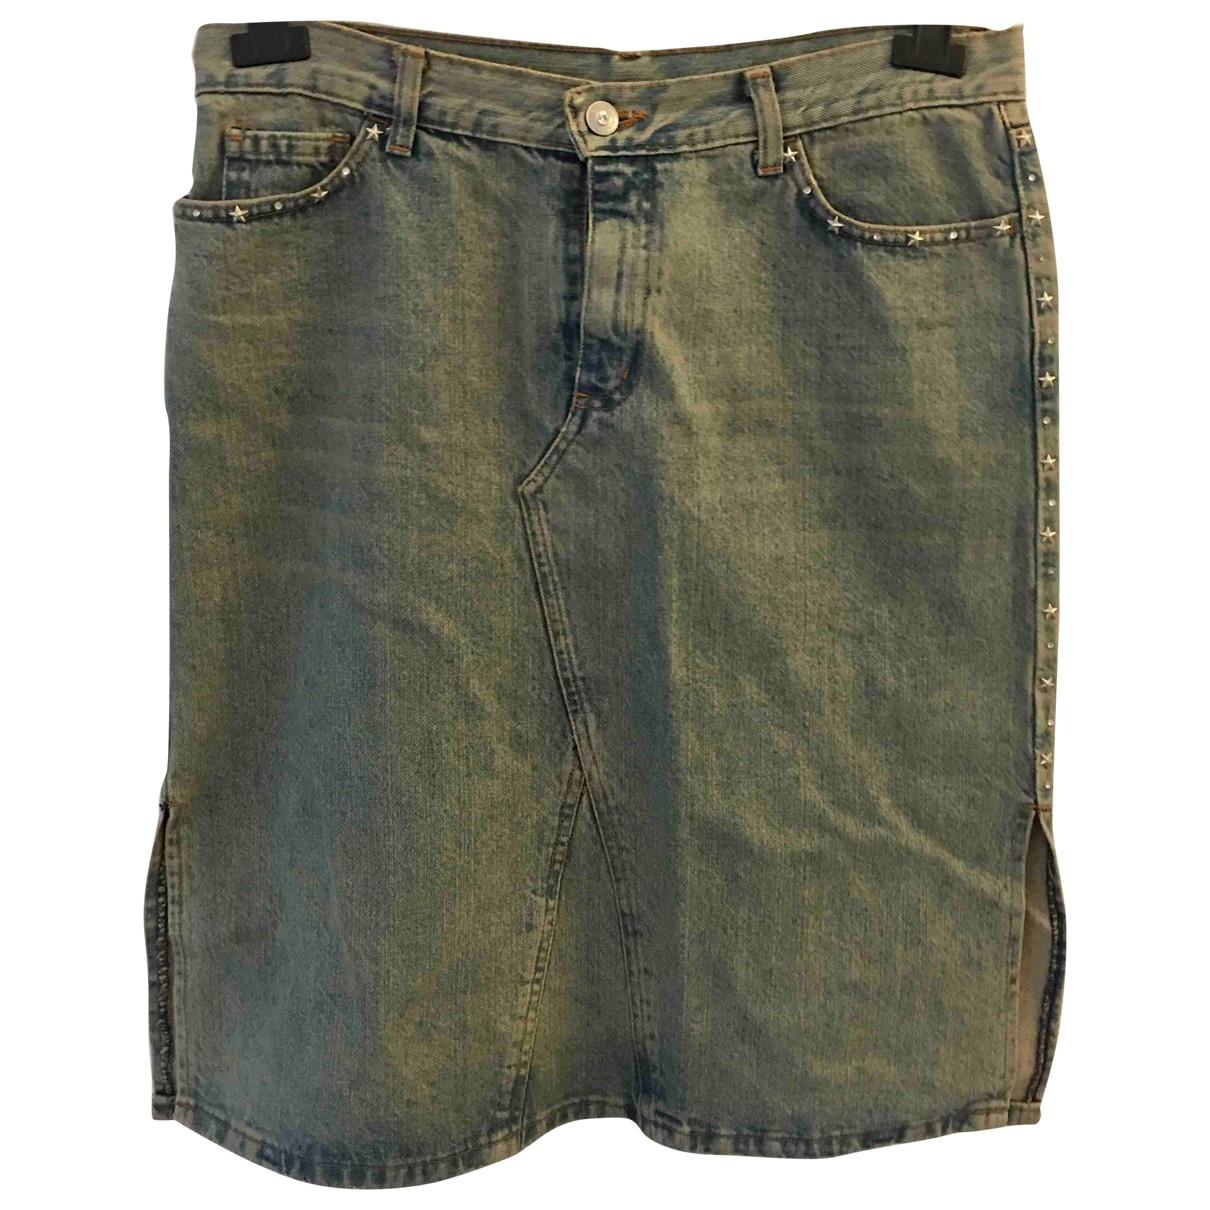 Liu.jo \N Rocke in Denim - Jeans